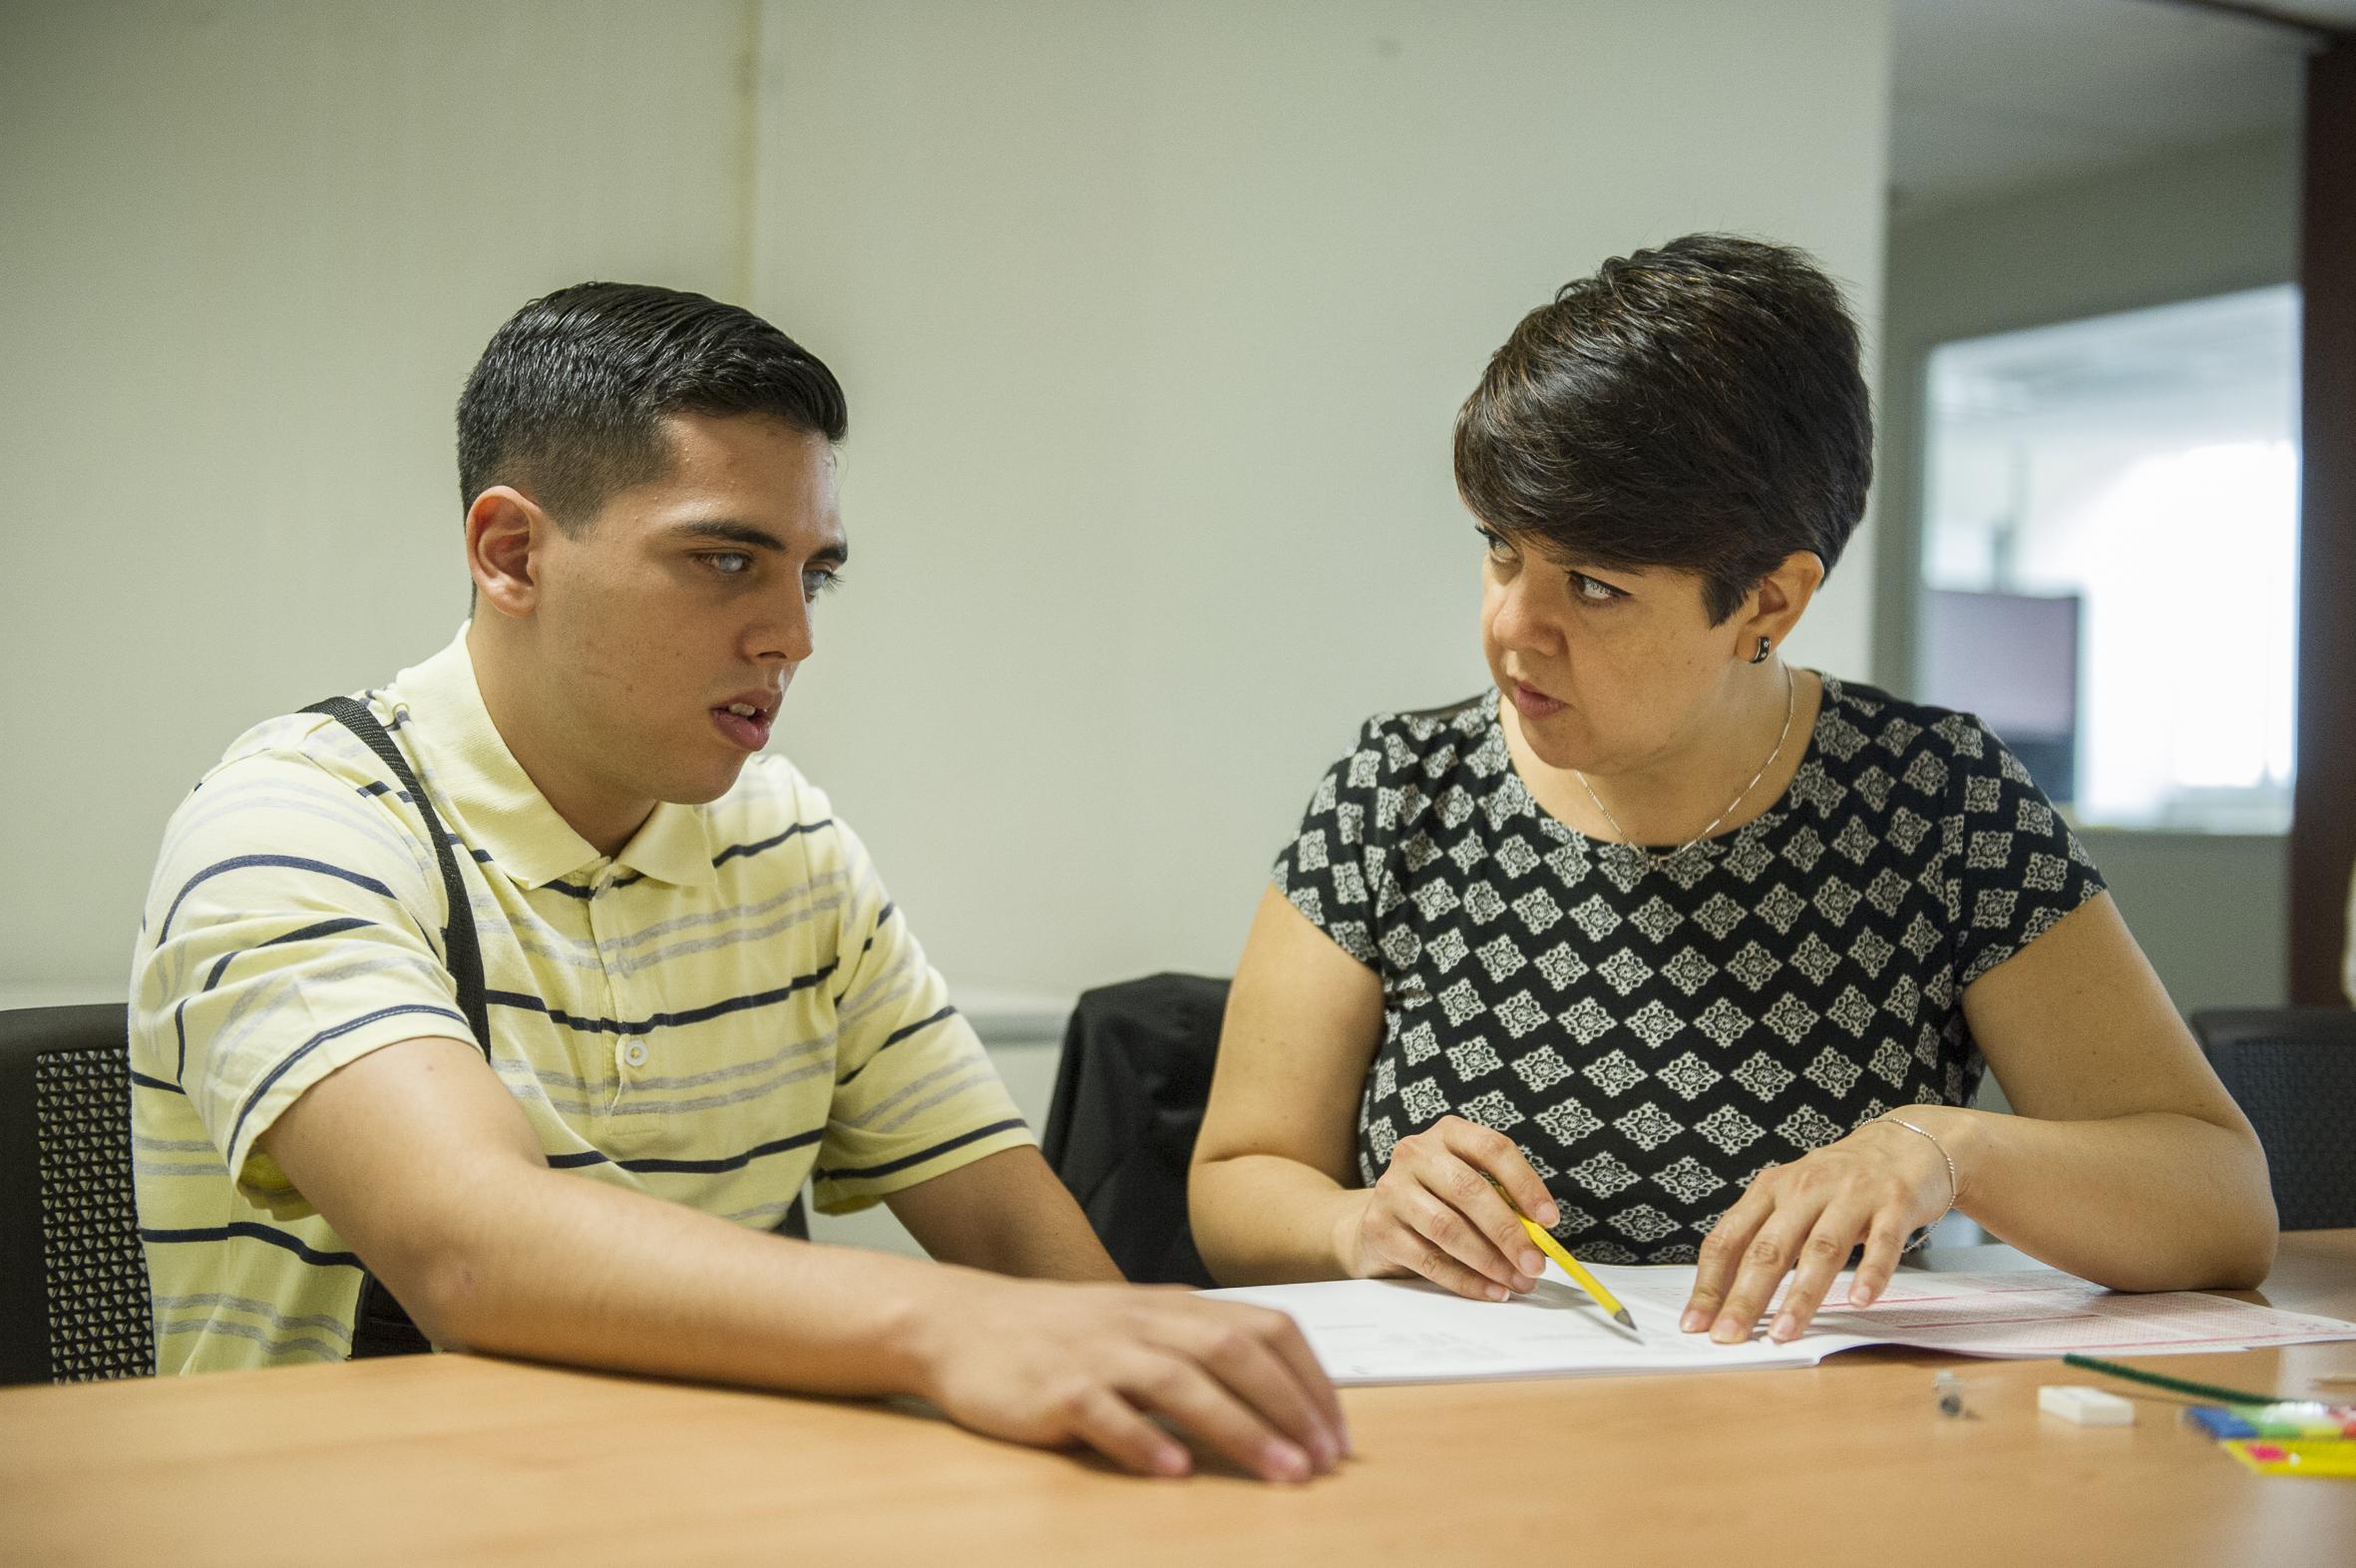 Instructor ayudando a leer para entender el examen a aspirante en situación de discapacidad.